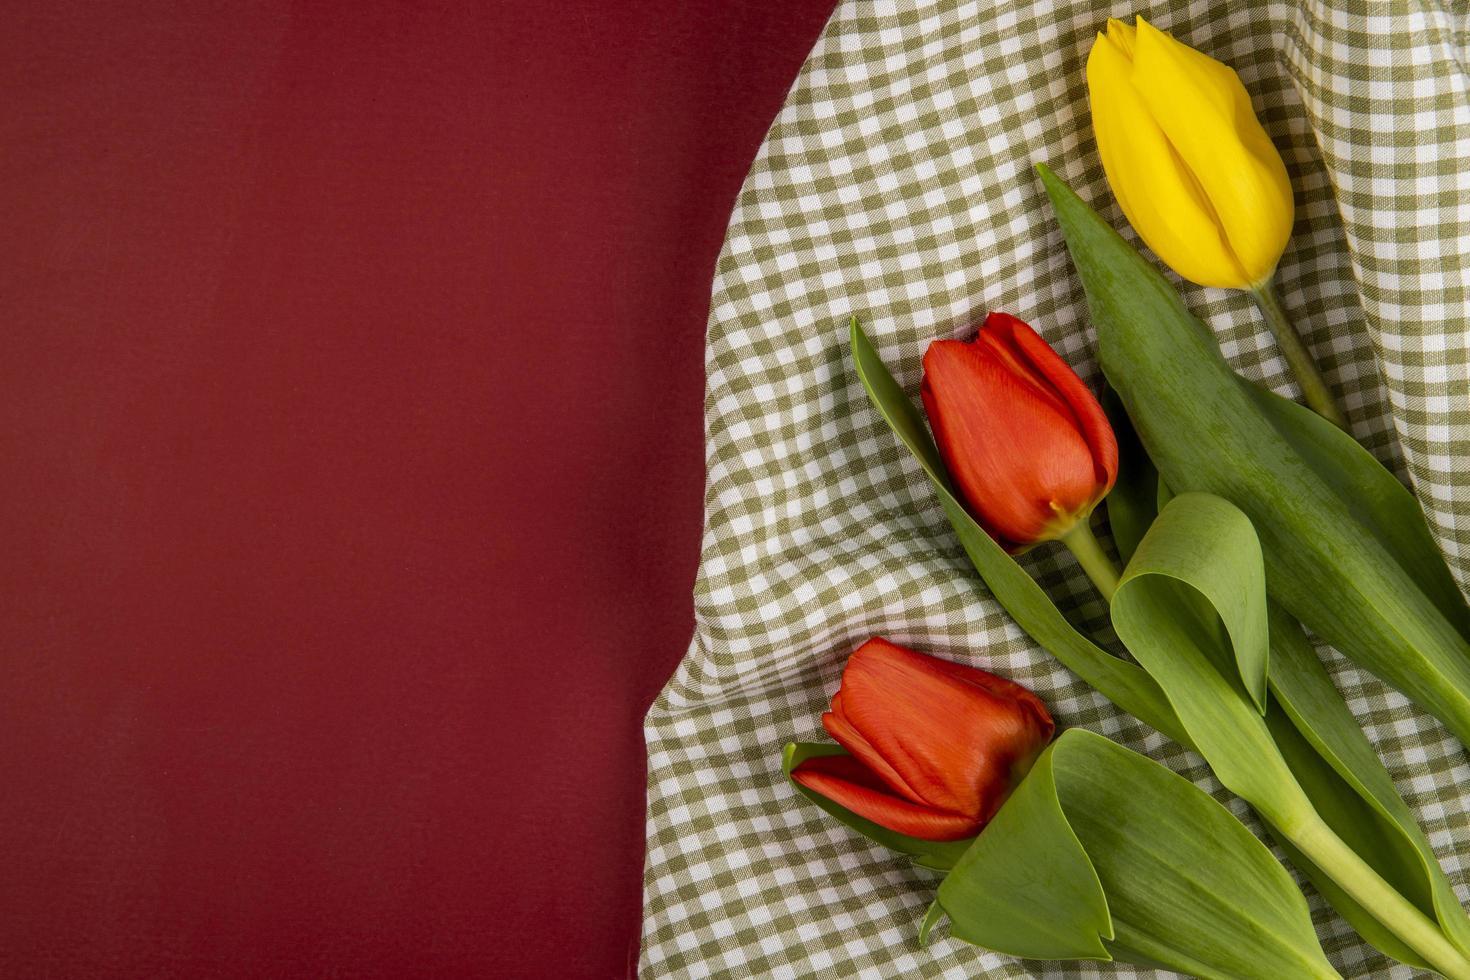 tulpen op een geruite doek en rode achtergrond foto